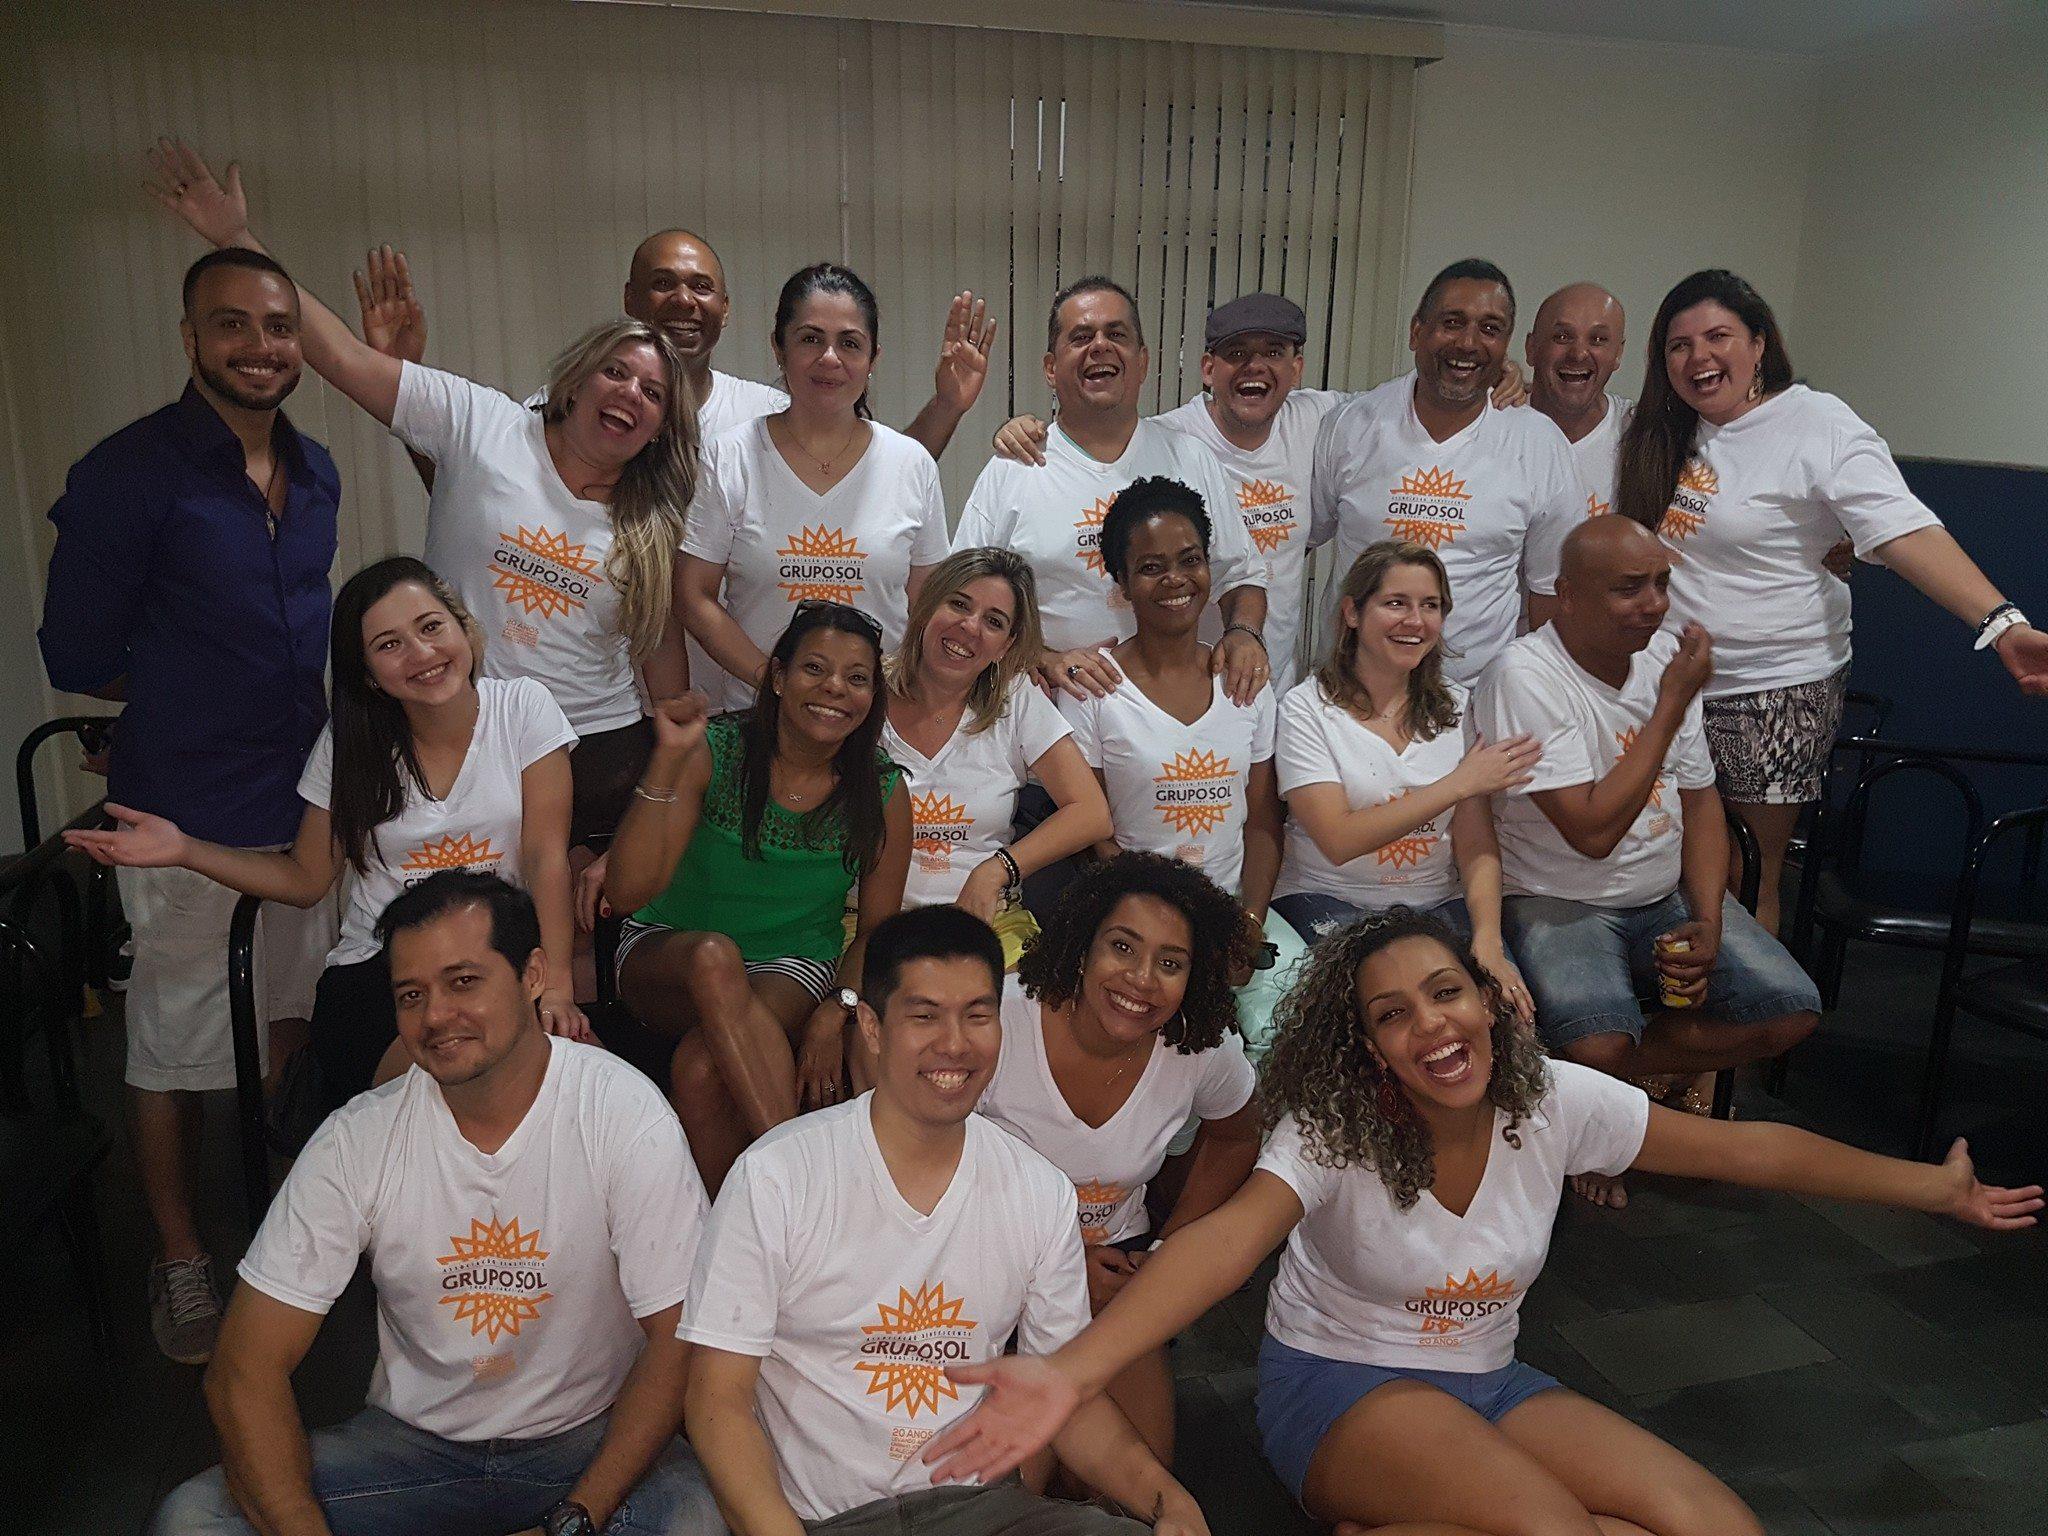 Equipe Associação Beneficente Grupo Sol